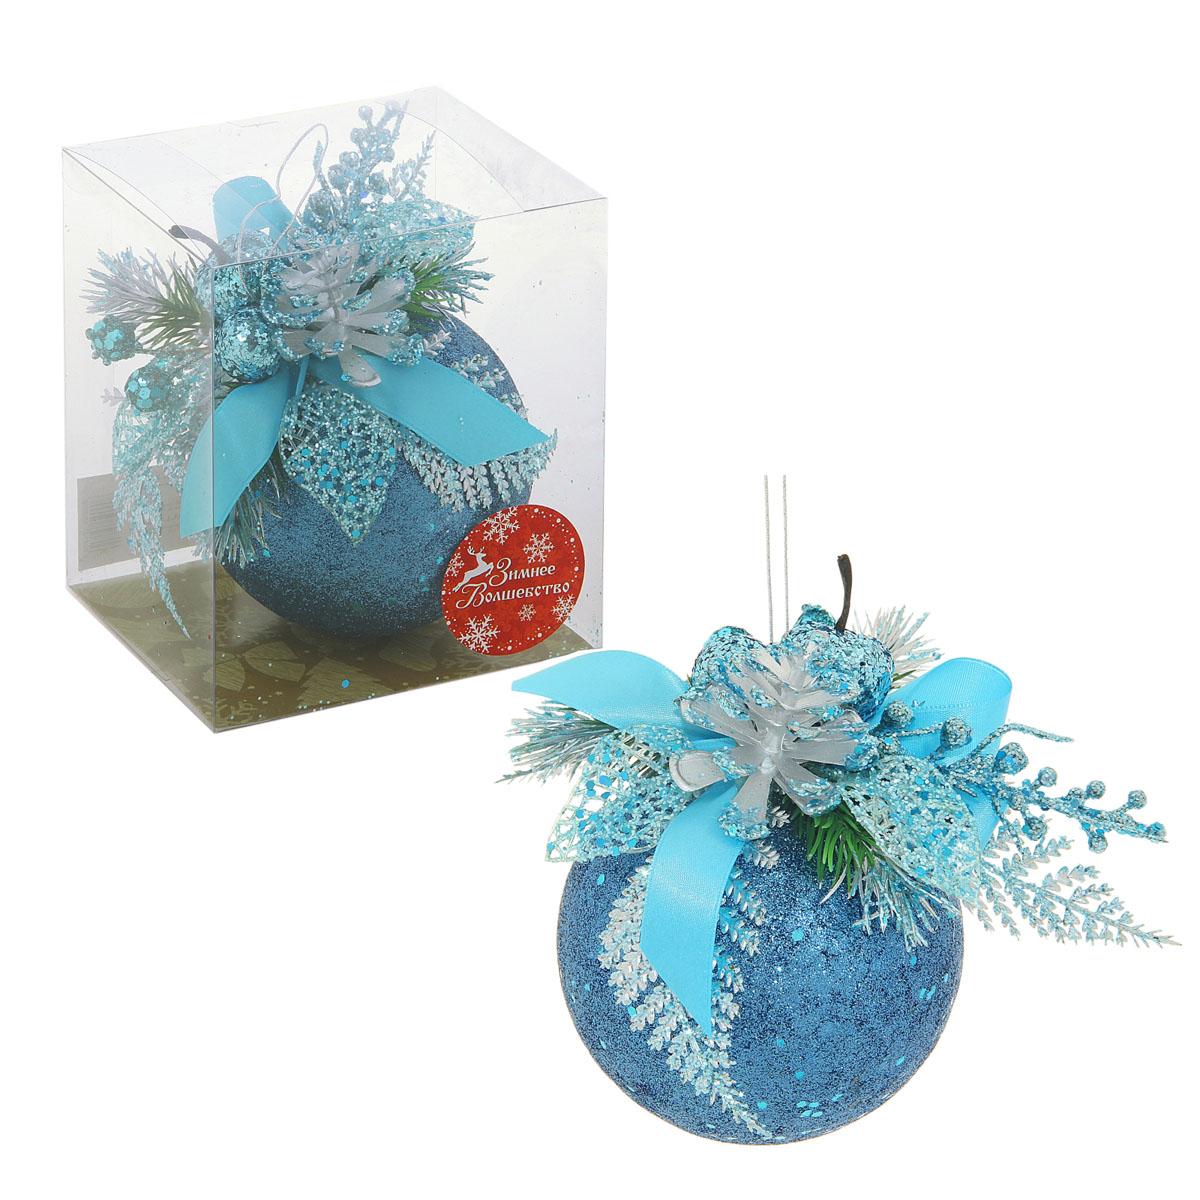 Новогоднее подвесное украшение Sima-land Шар, цвет: голубой, диаметр 10 см. 813159 новогоднее декоративное украшение sima land венок колокольчики и шишки диаметр 19 см